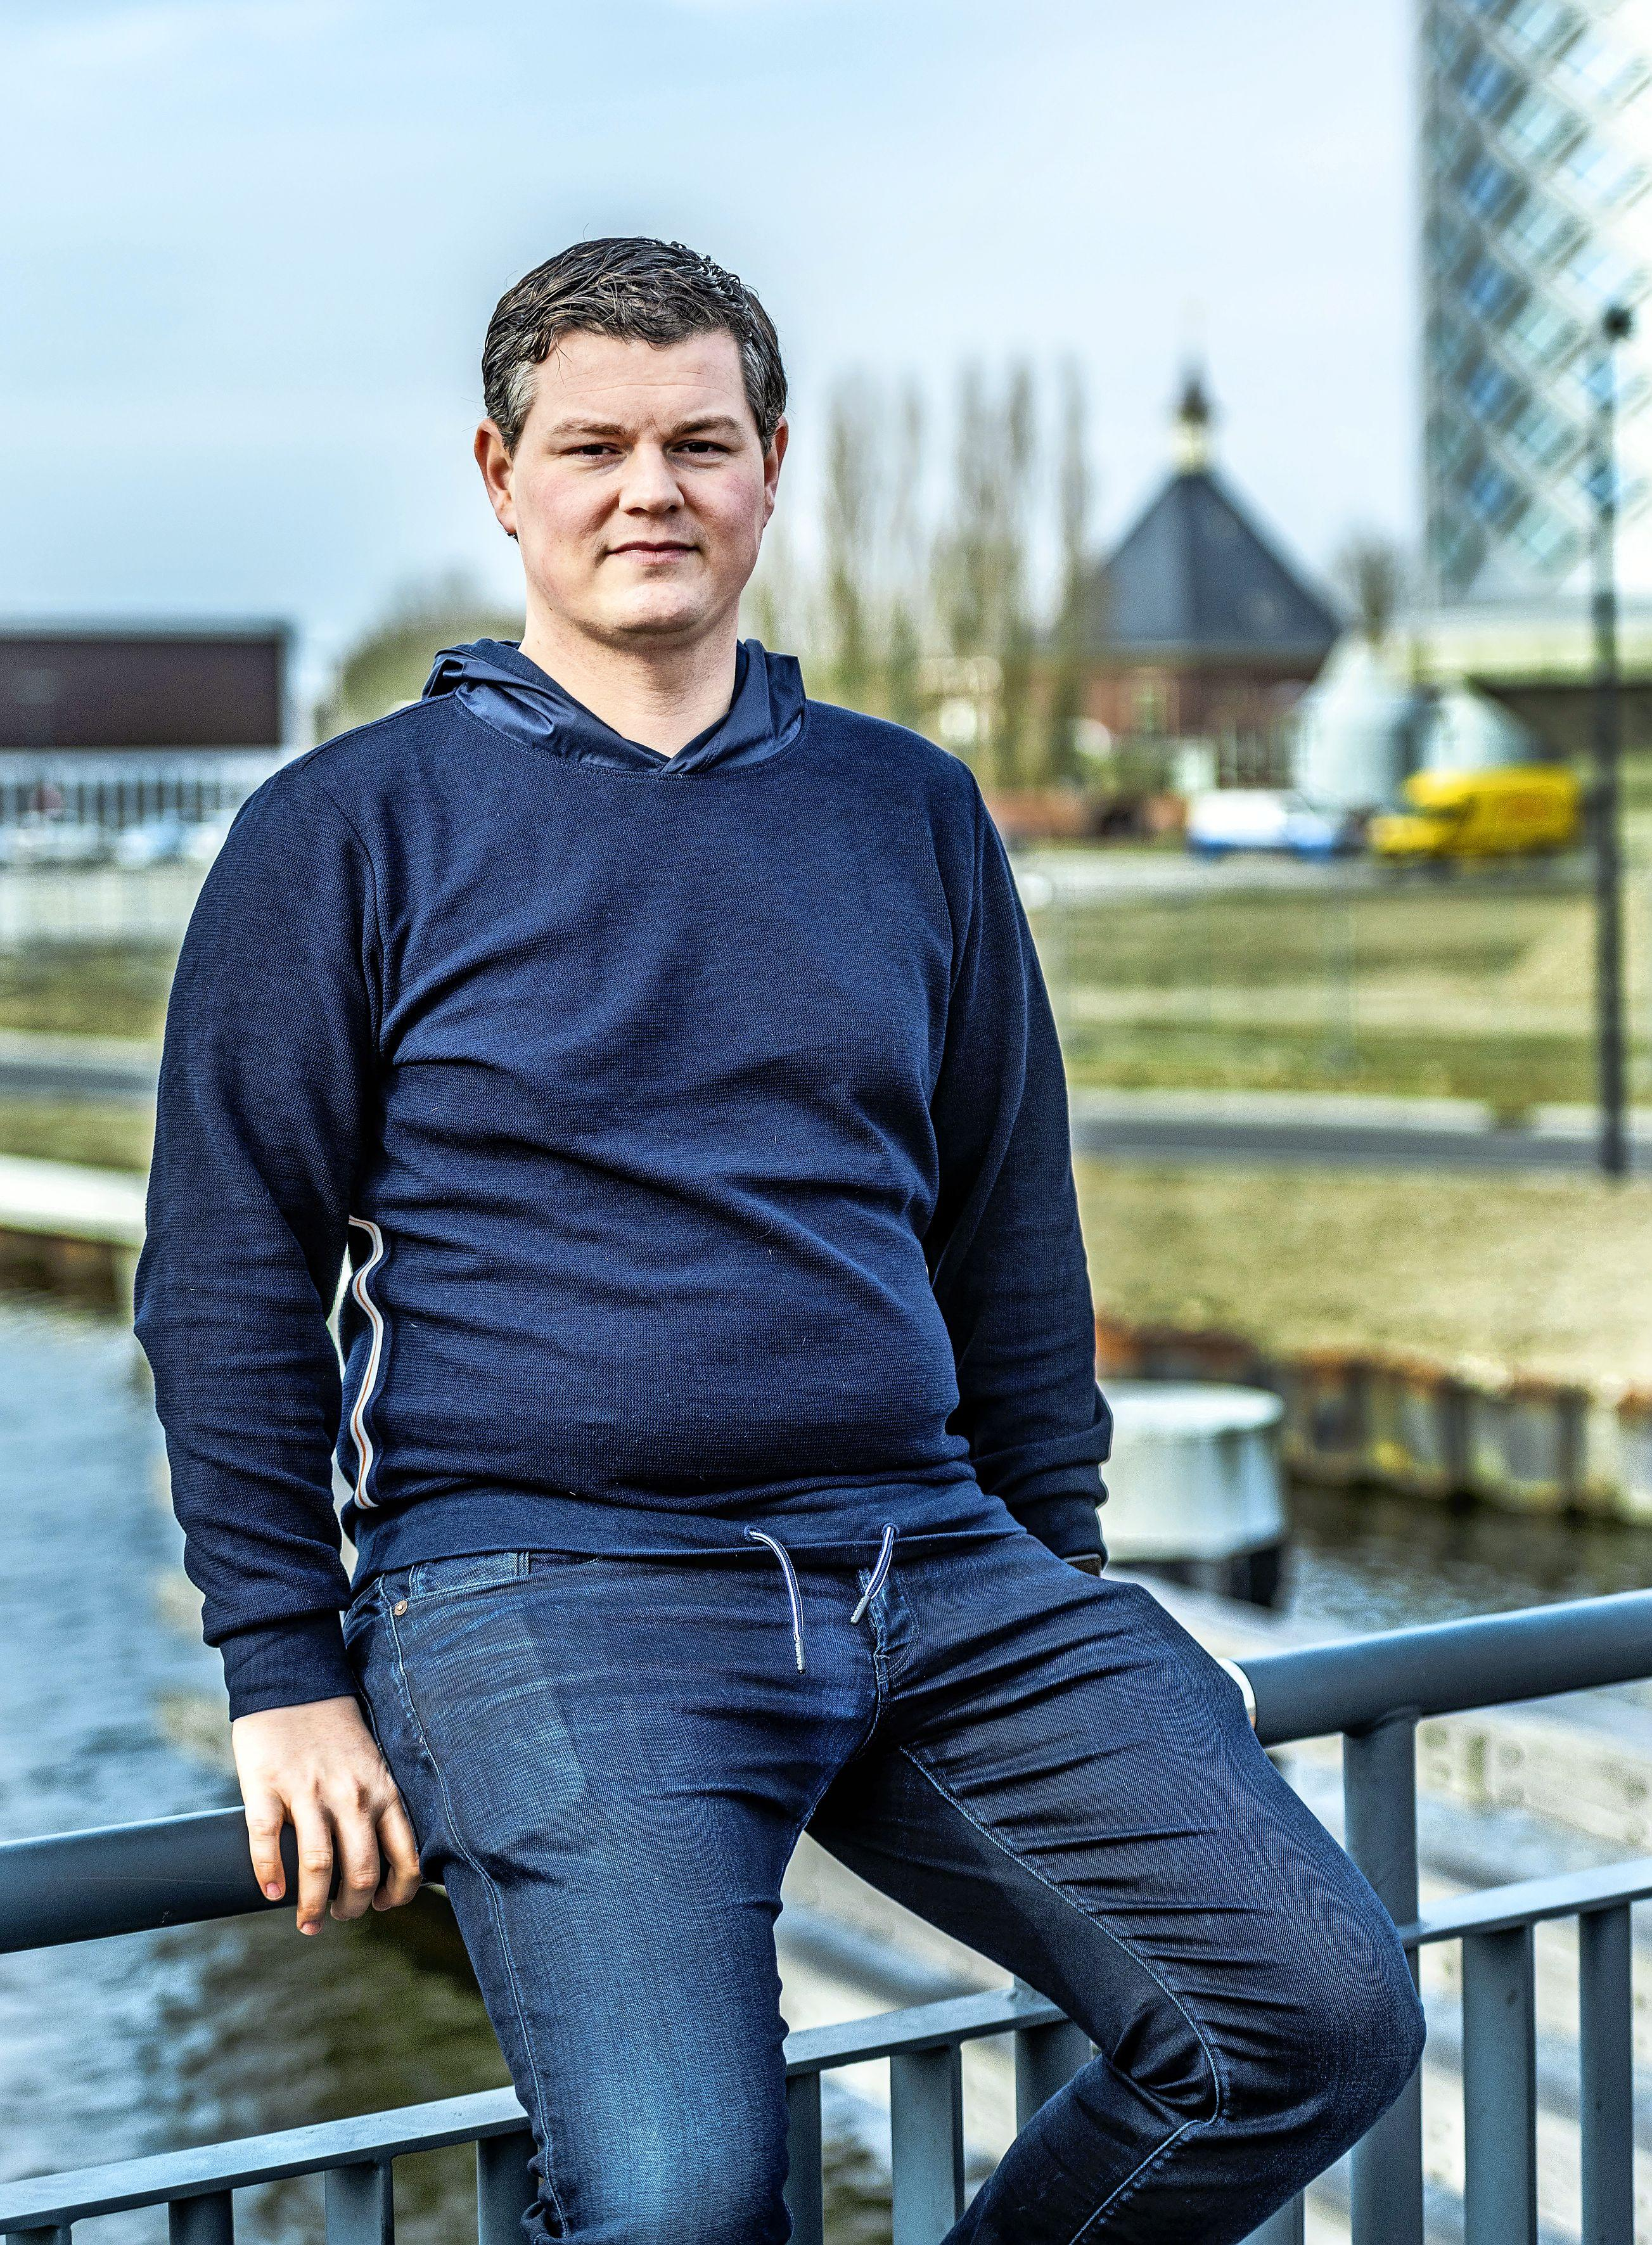 'Bi-culturele opvoeding helpt mij in het leven'. Haarlemmermeers raadslid Mark Achterbergh kandidaat-Kamerlid voor de VVD